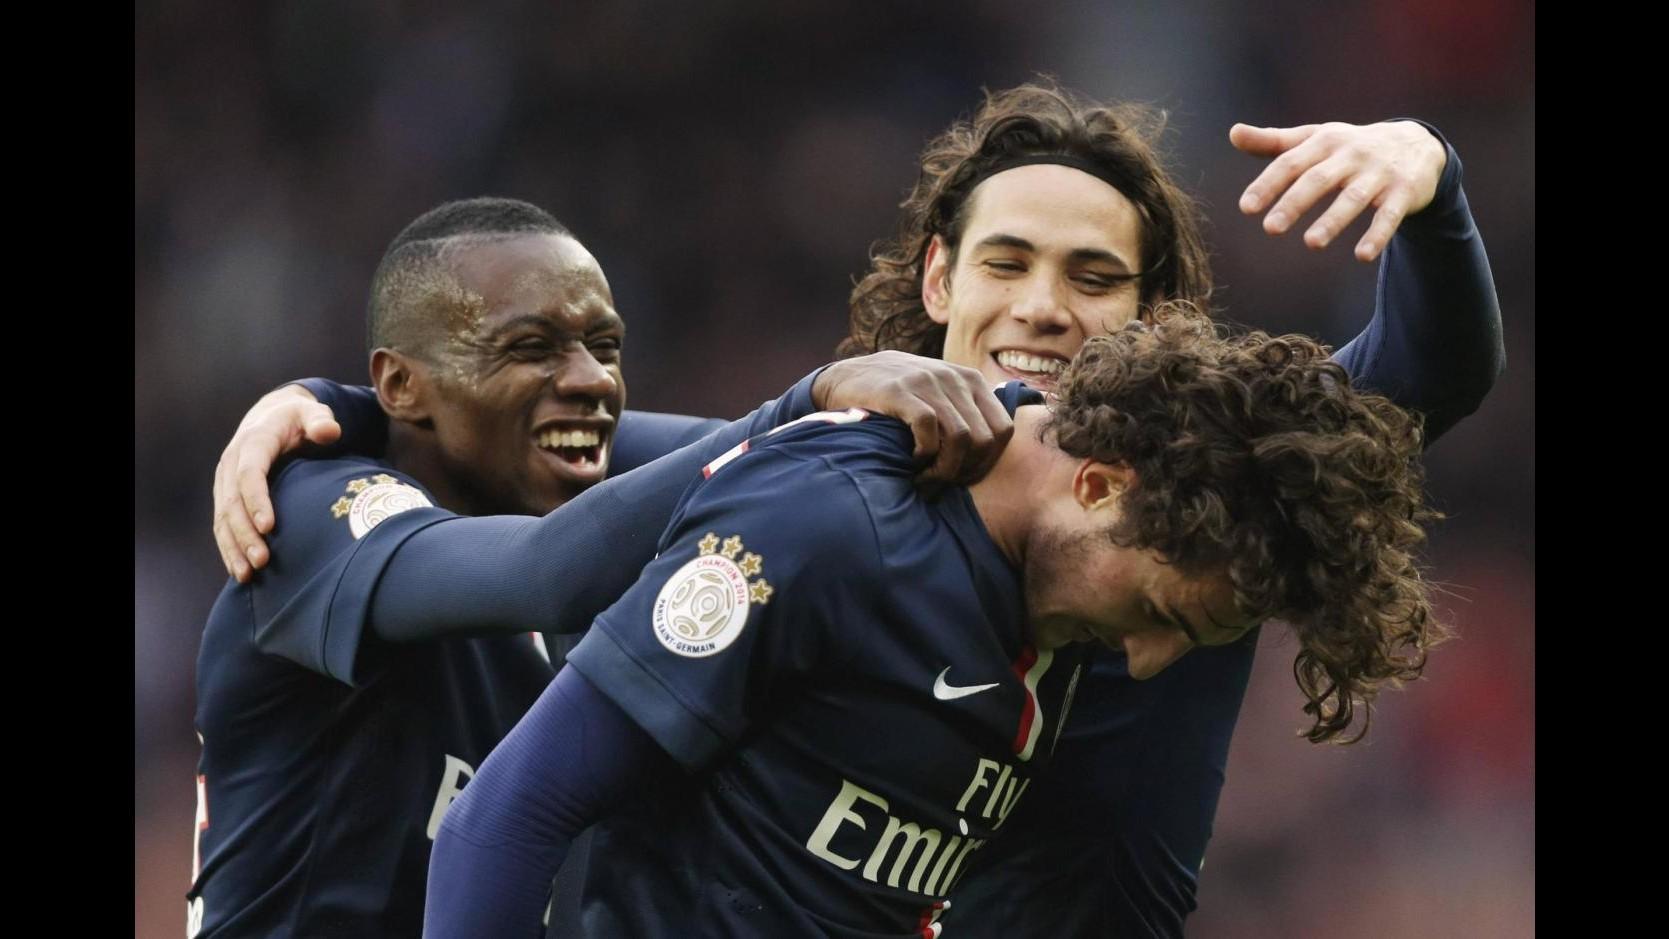 Ligue1: doppietta Rabiot lancia il Psg, 3-1 al Tolosa